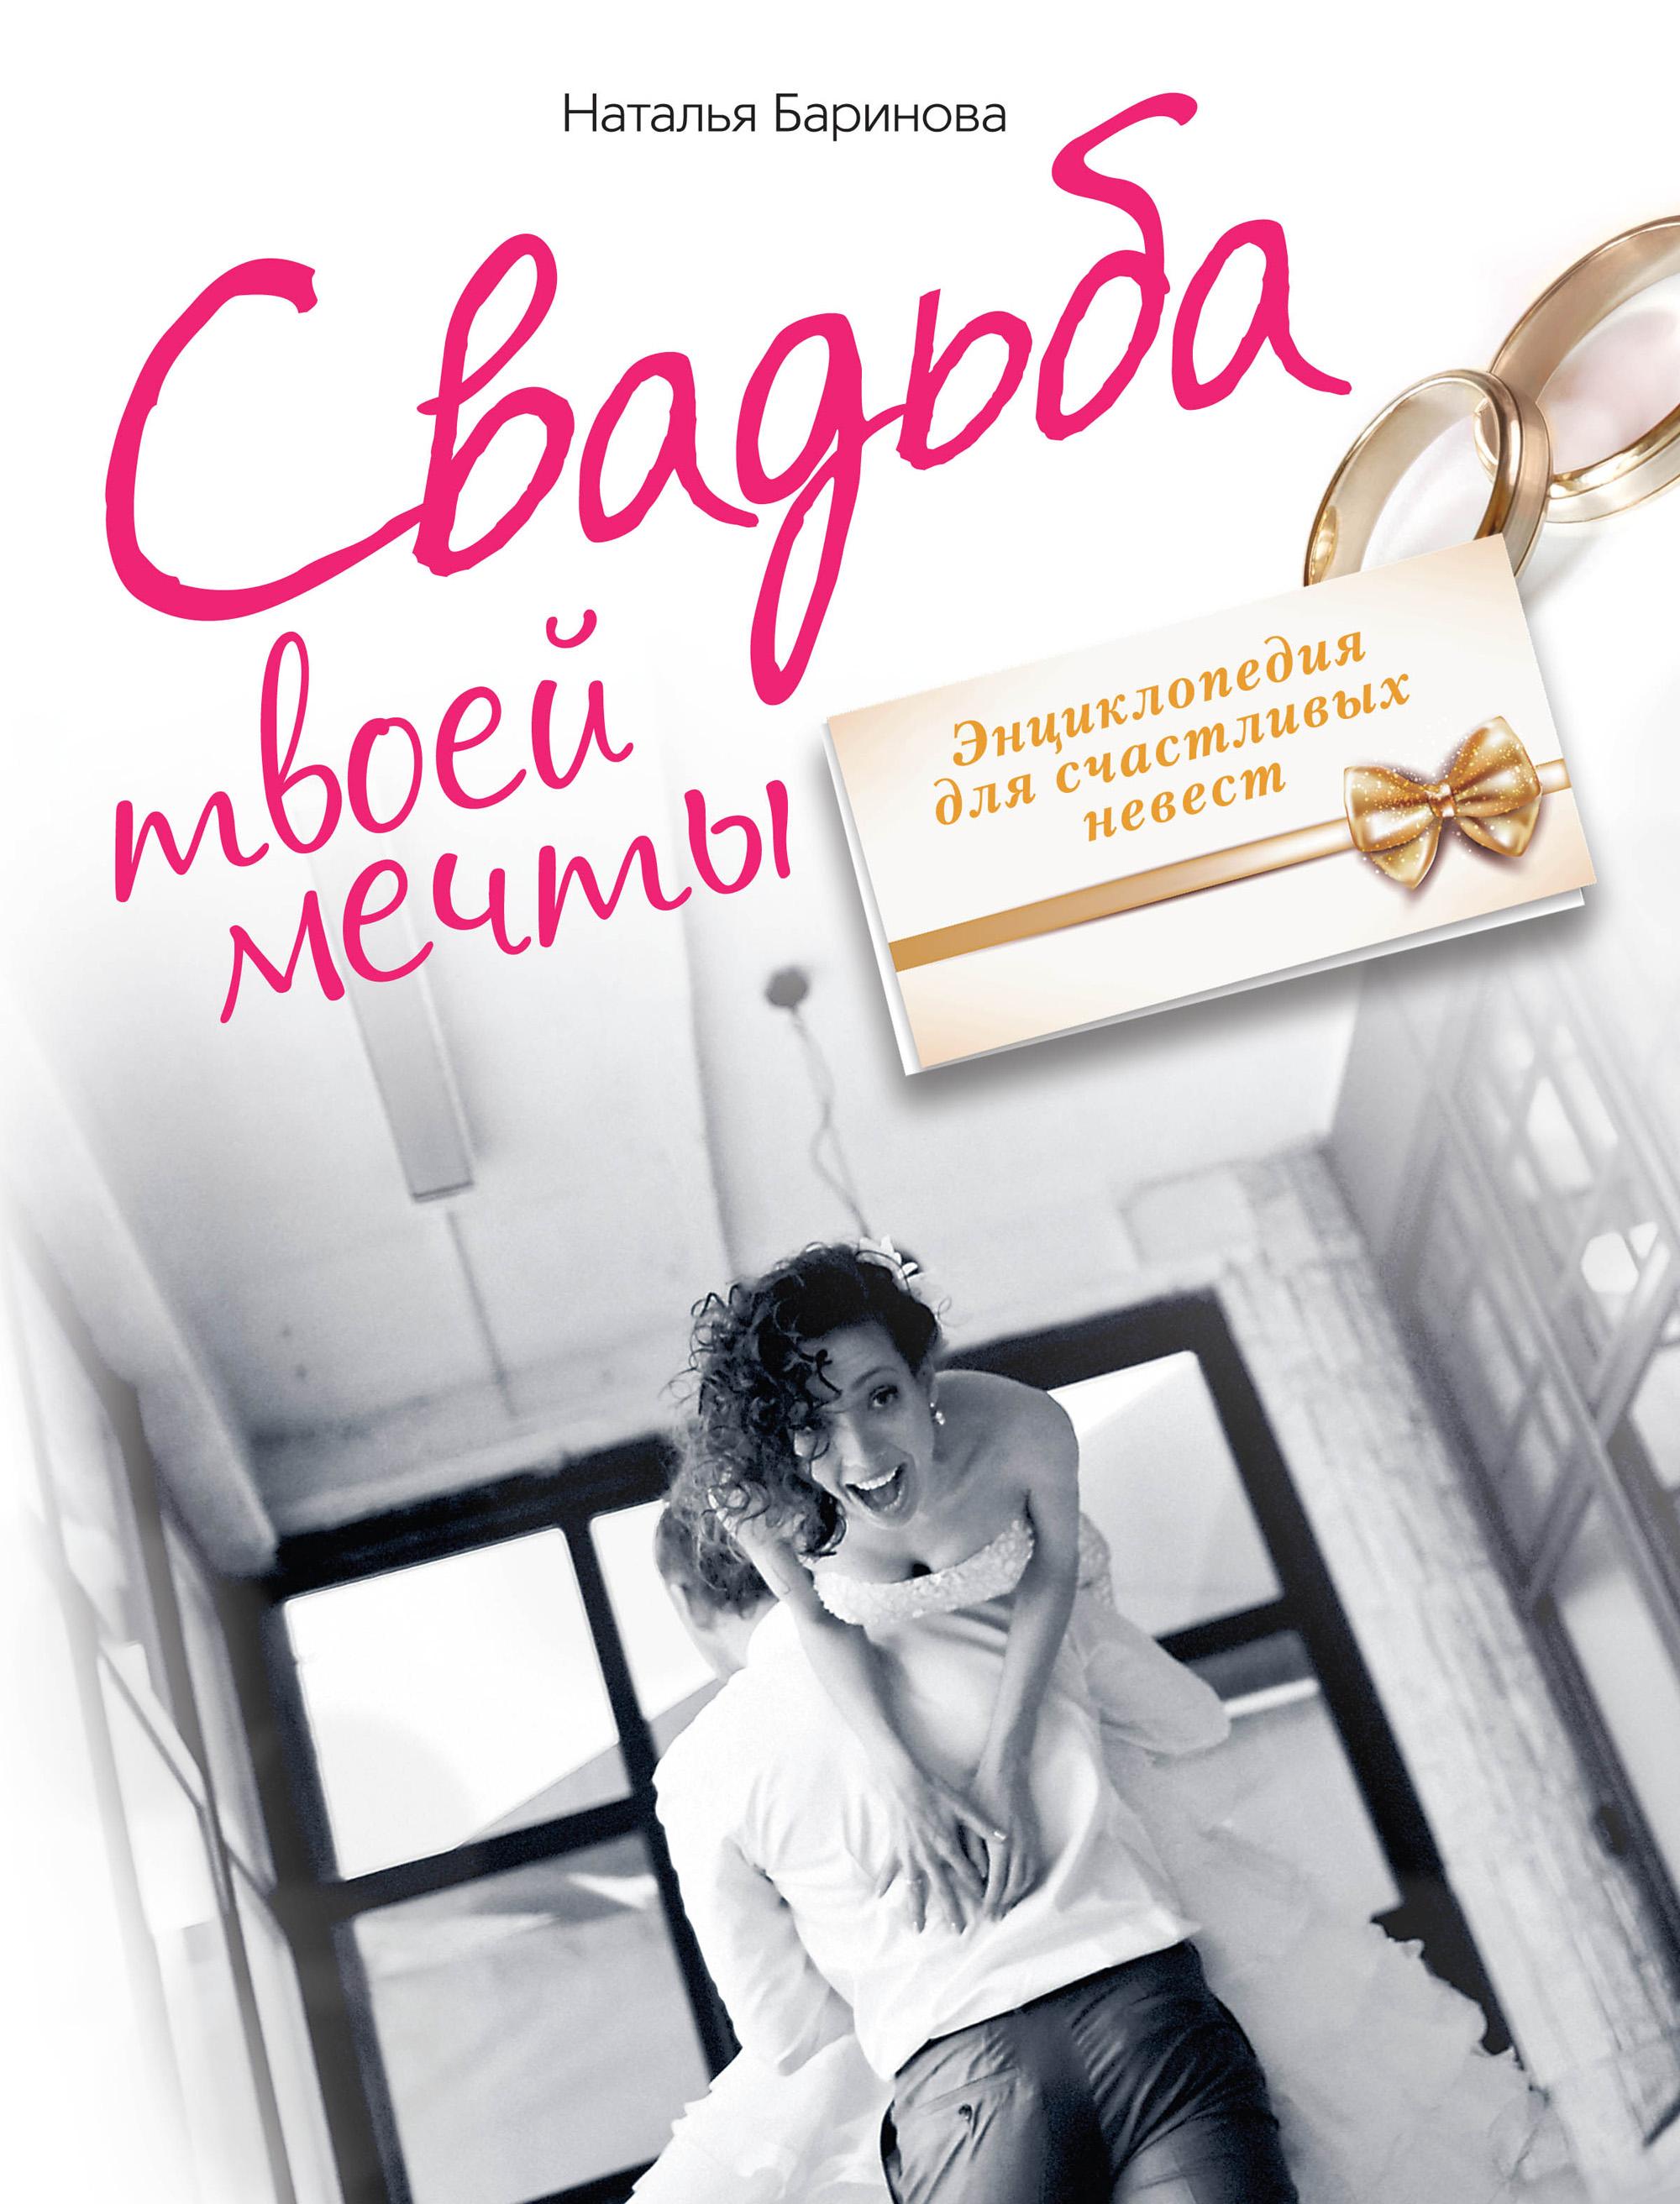 Наталья Баринова Свадьба твоей мечты. Энциклопедия для счастливых невест